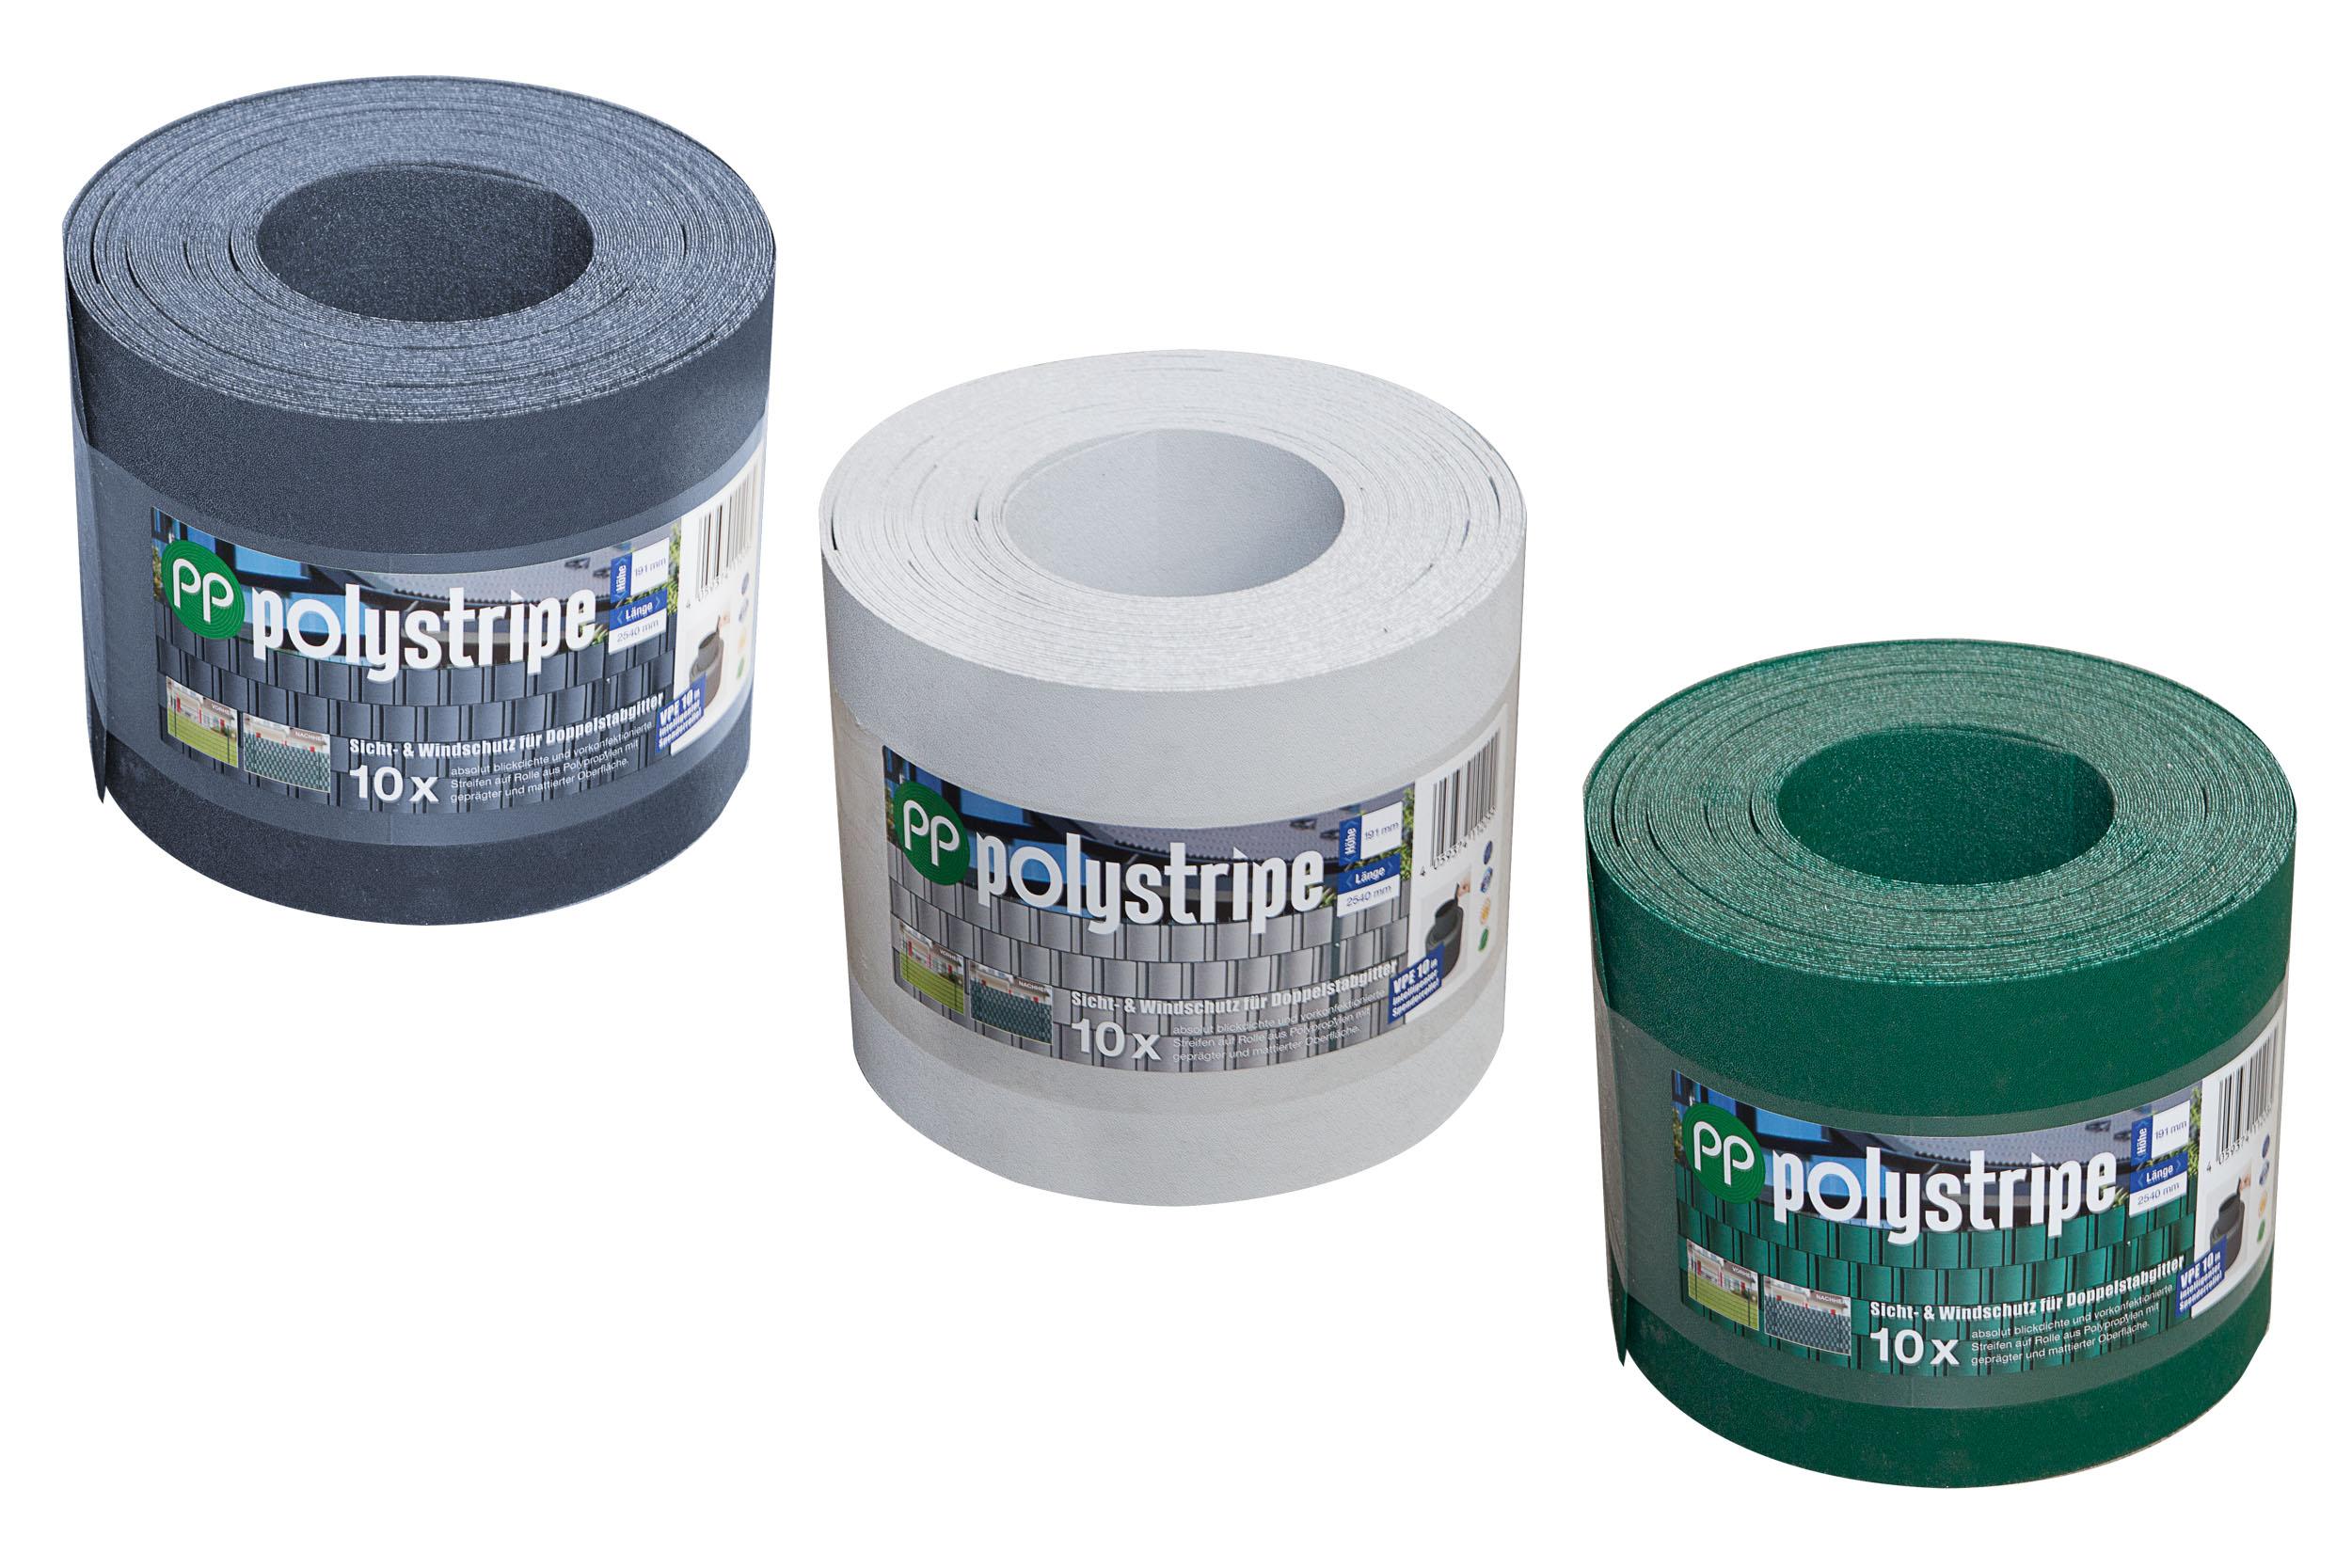  PS  polystripe 10 Streifen 2530 mm